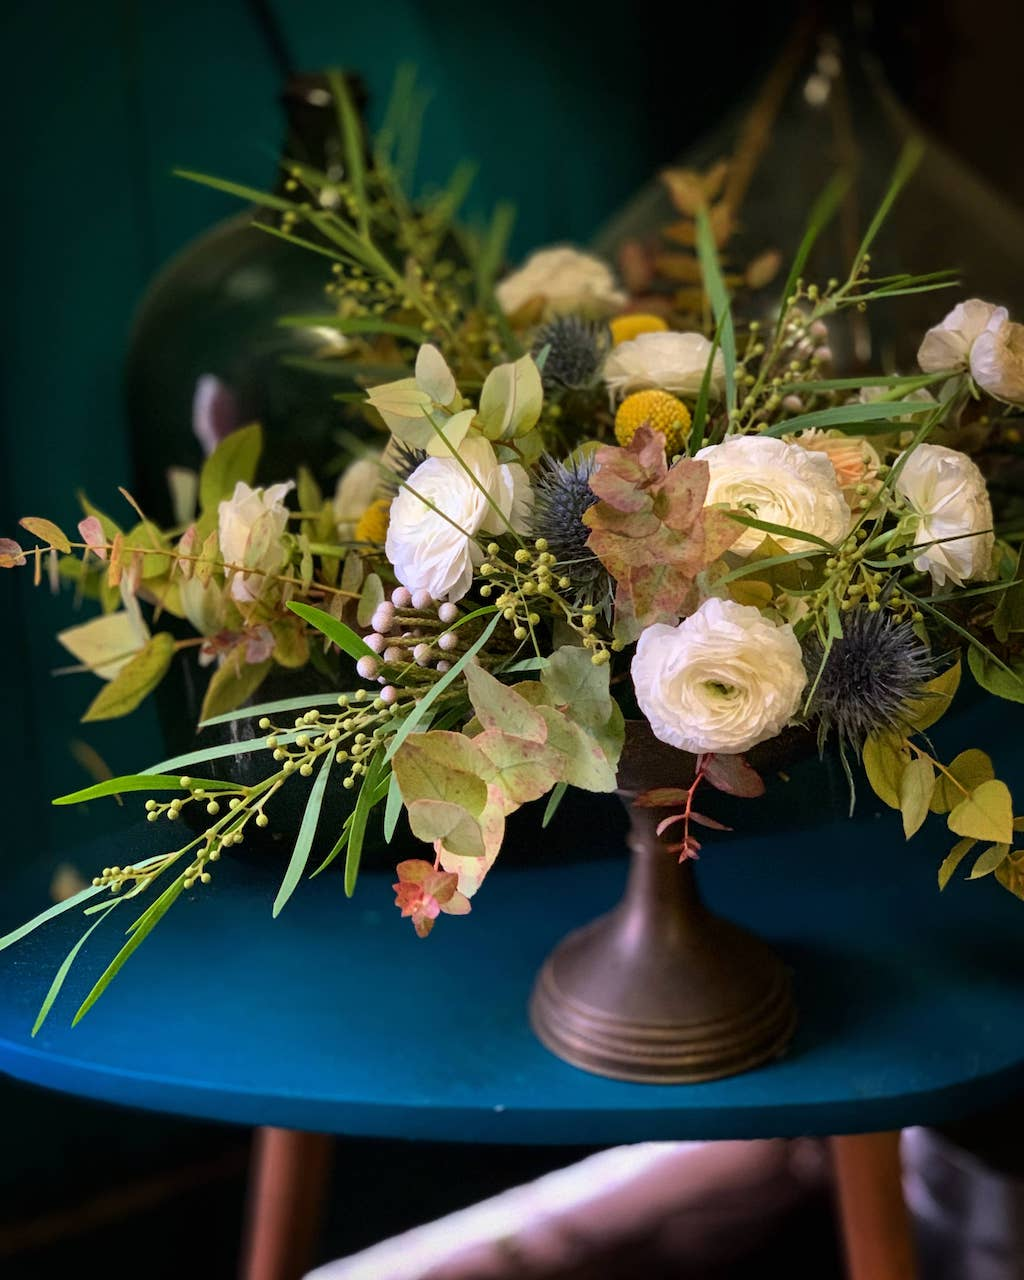 lieu-reception-hiver-paris-chic-coupe-fleurie-mariage